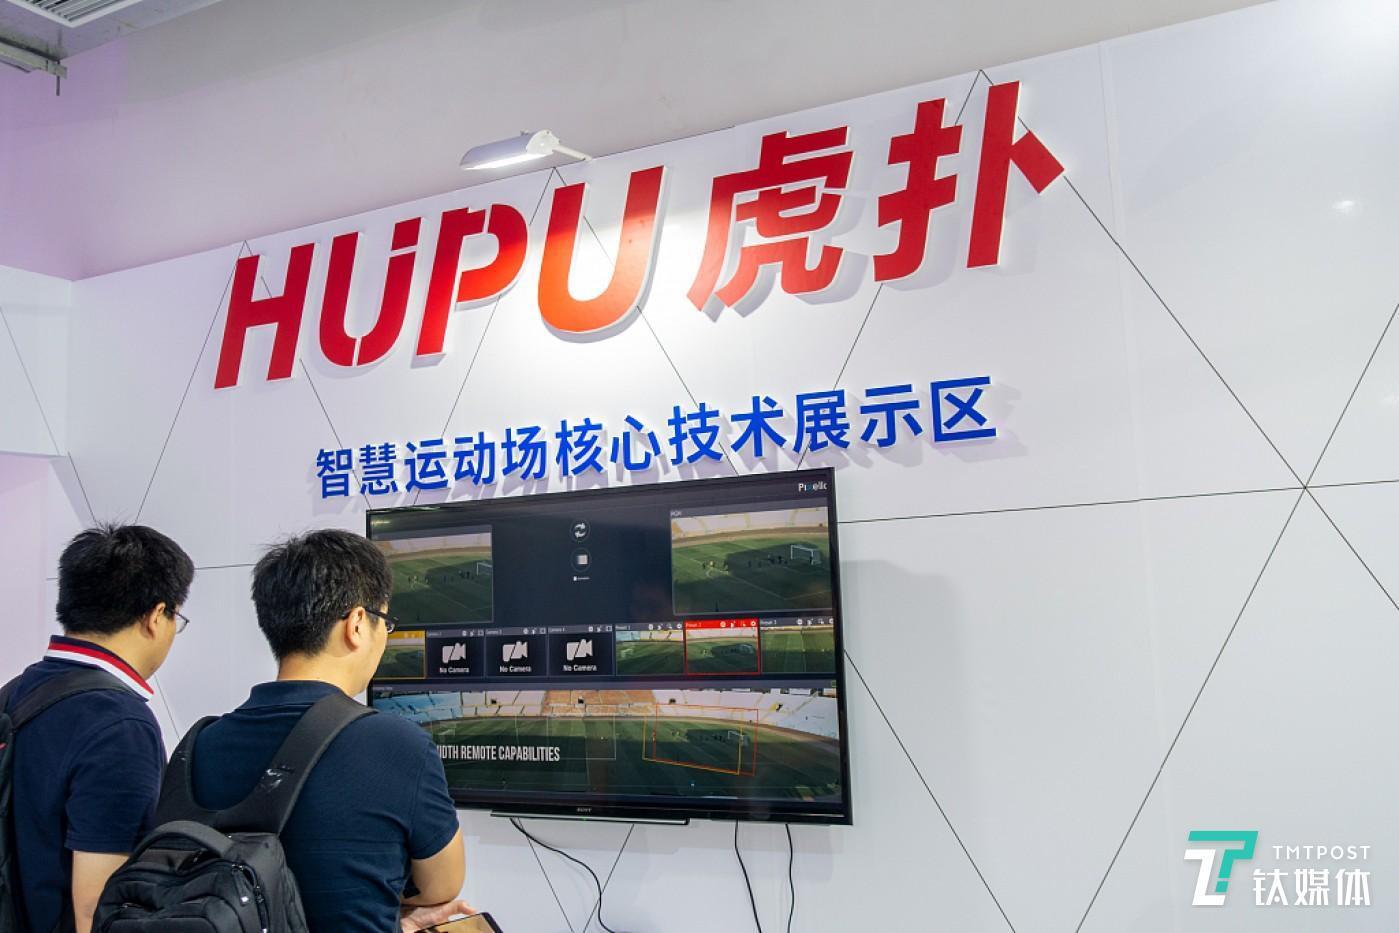 2018年9月21日,上海,2018世界人工智能大会参观日,虎扑智慧运动场核心技术展示区。来源:视觉中国